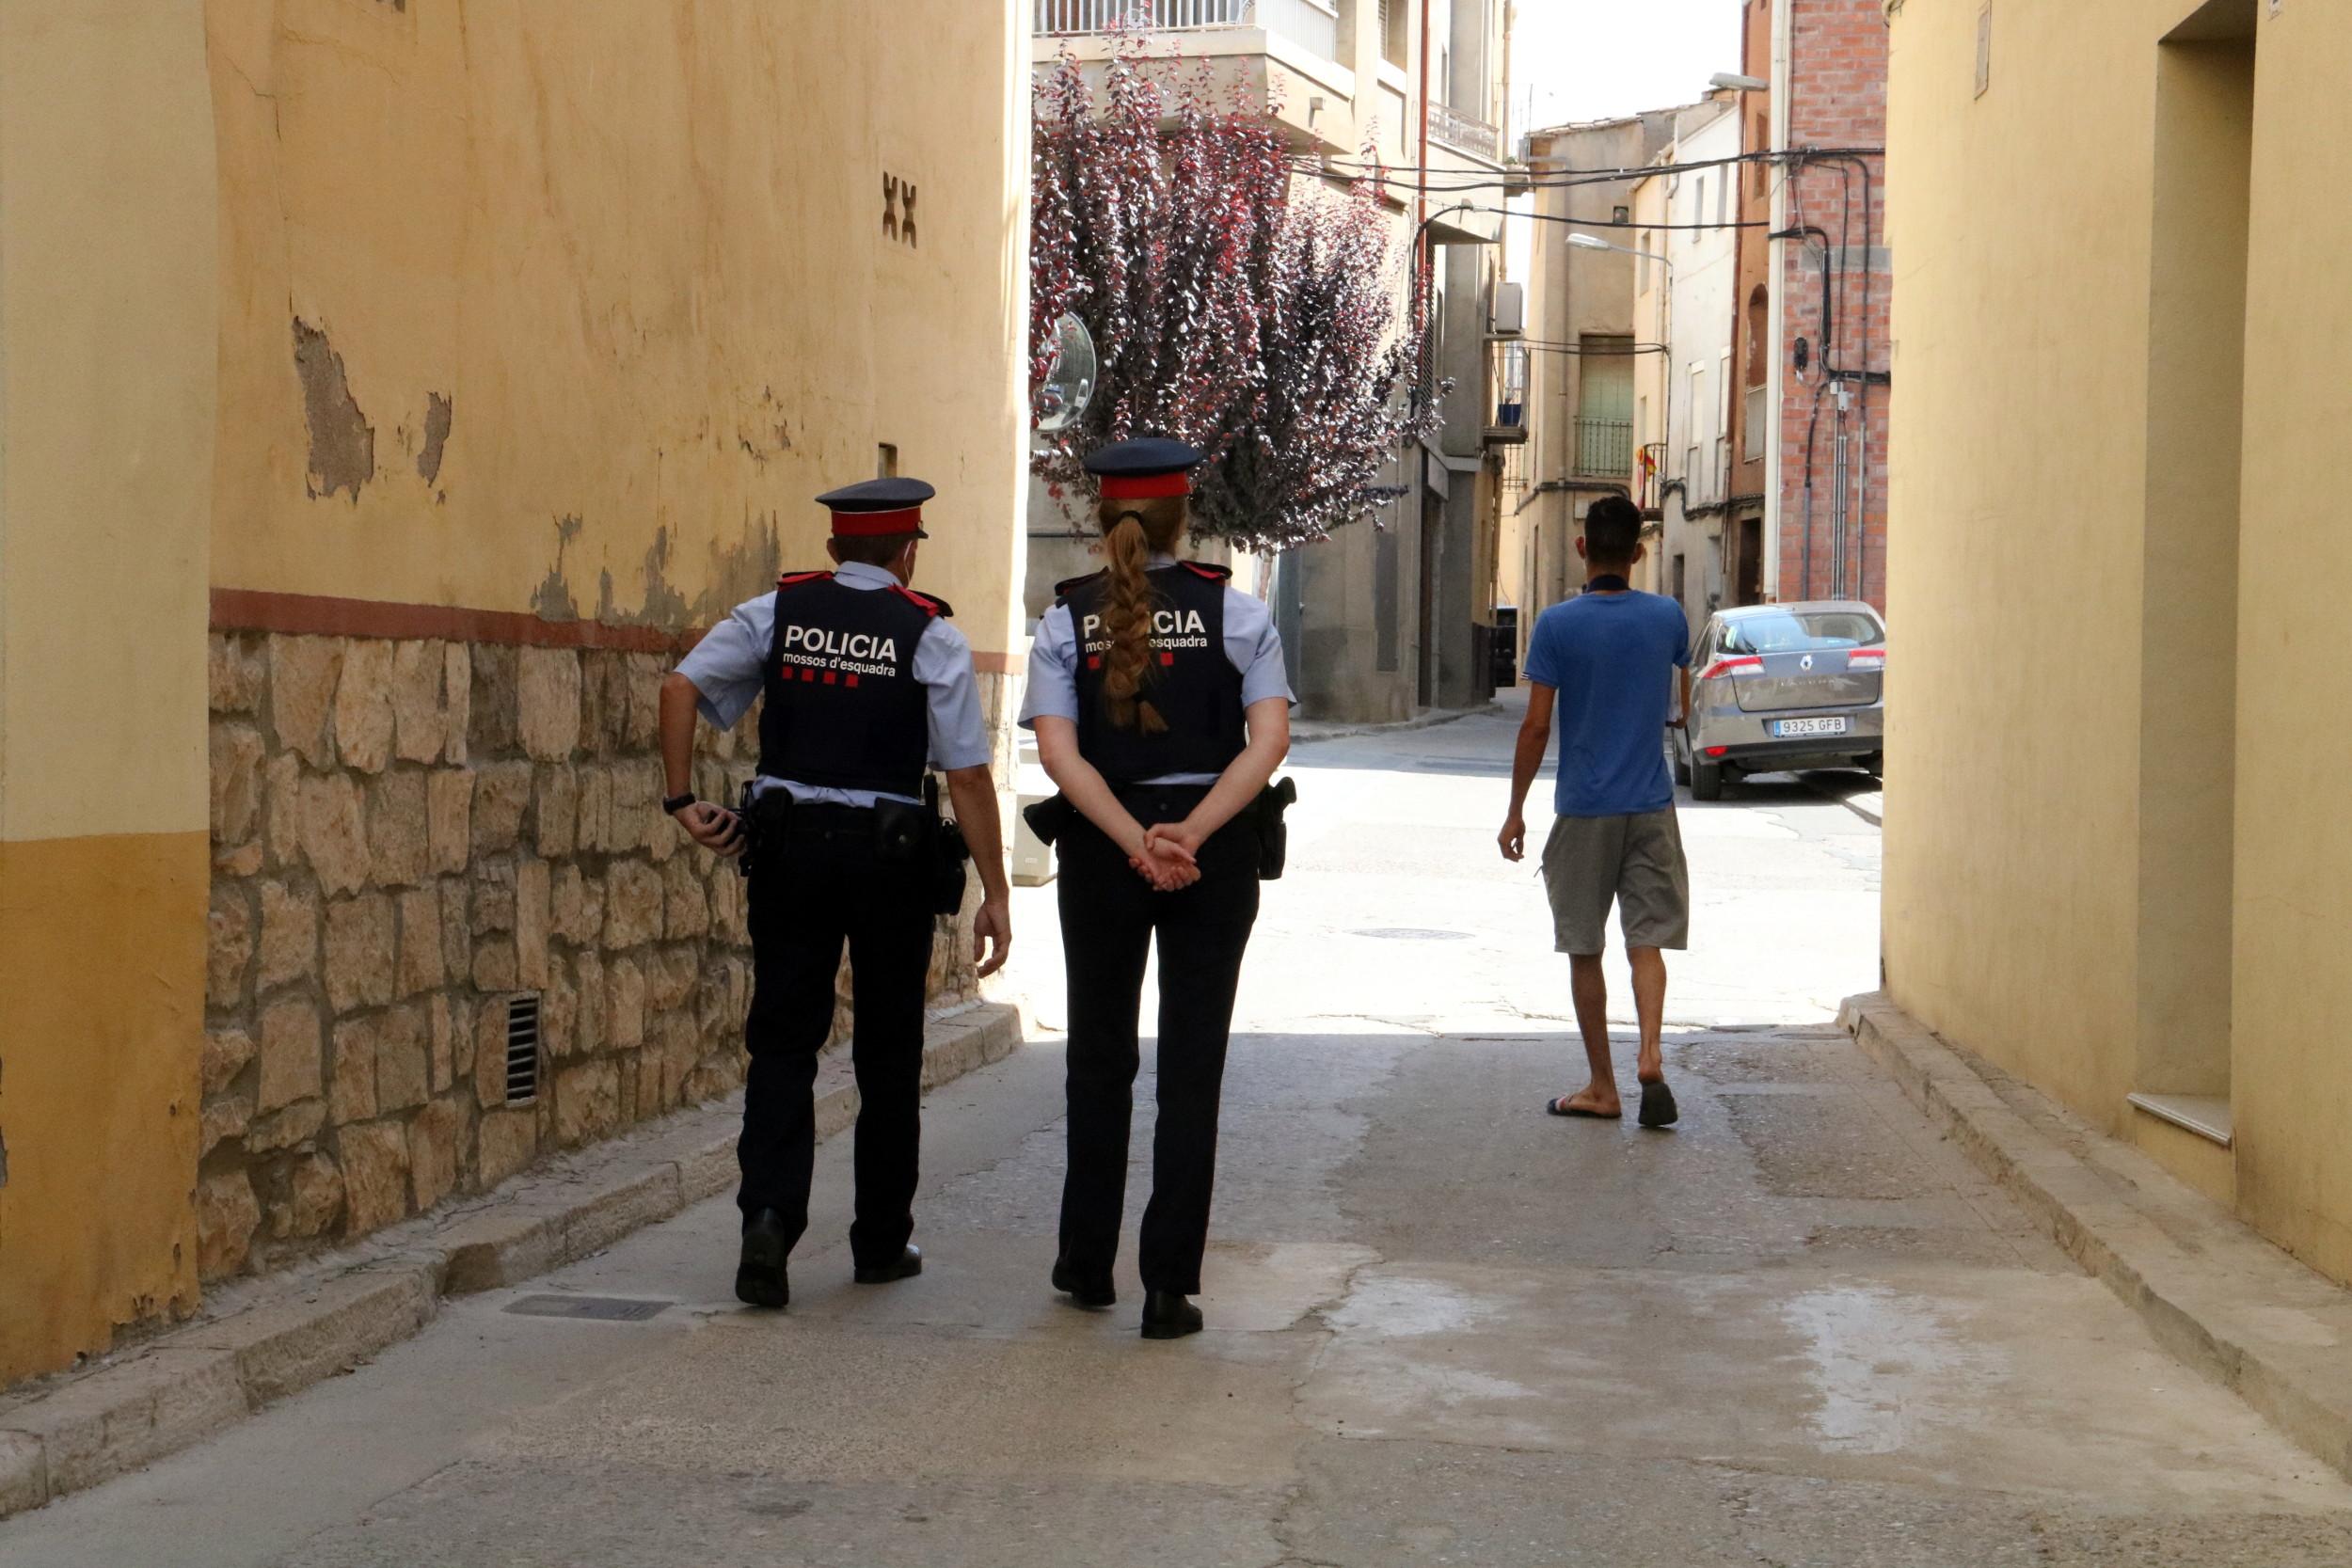 Una parella de Mossos patrullant pels carrers d'Aitona, en una imatge d'arxiu   ACN